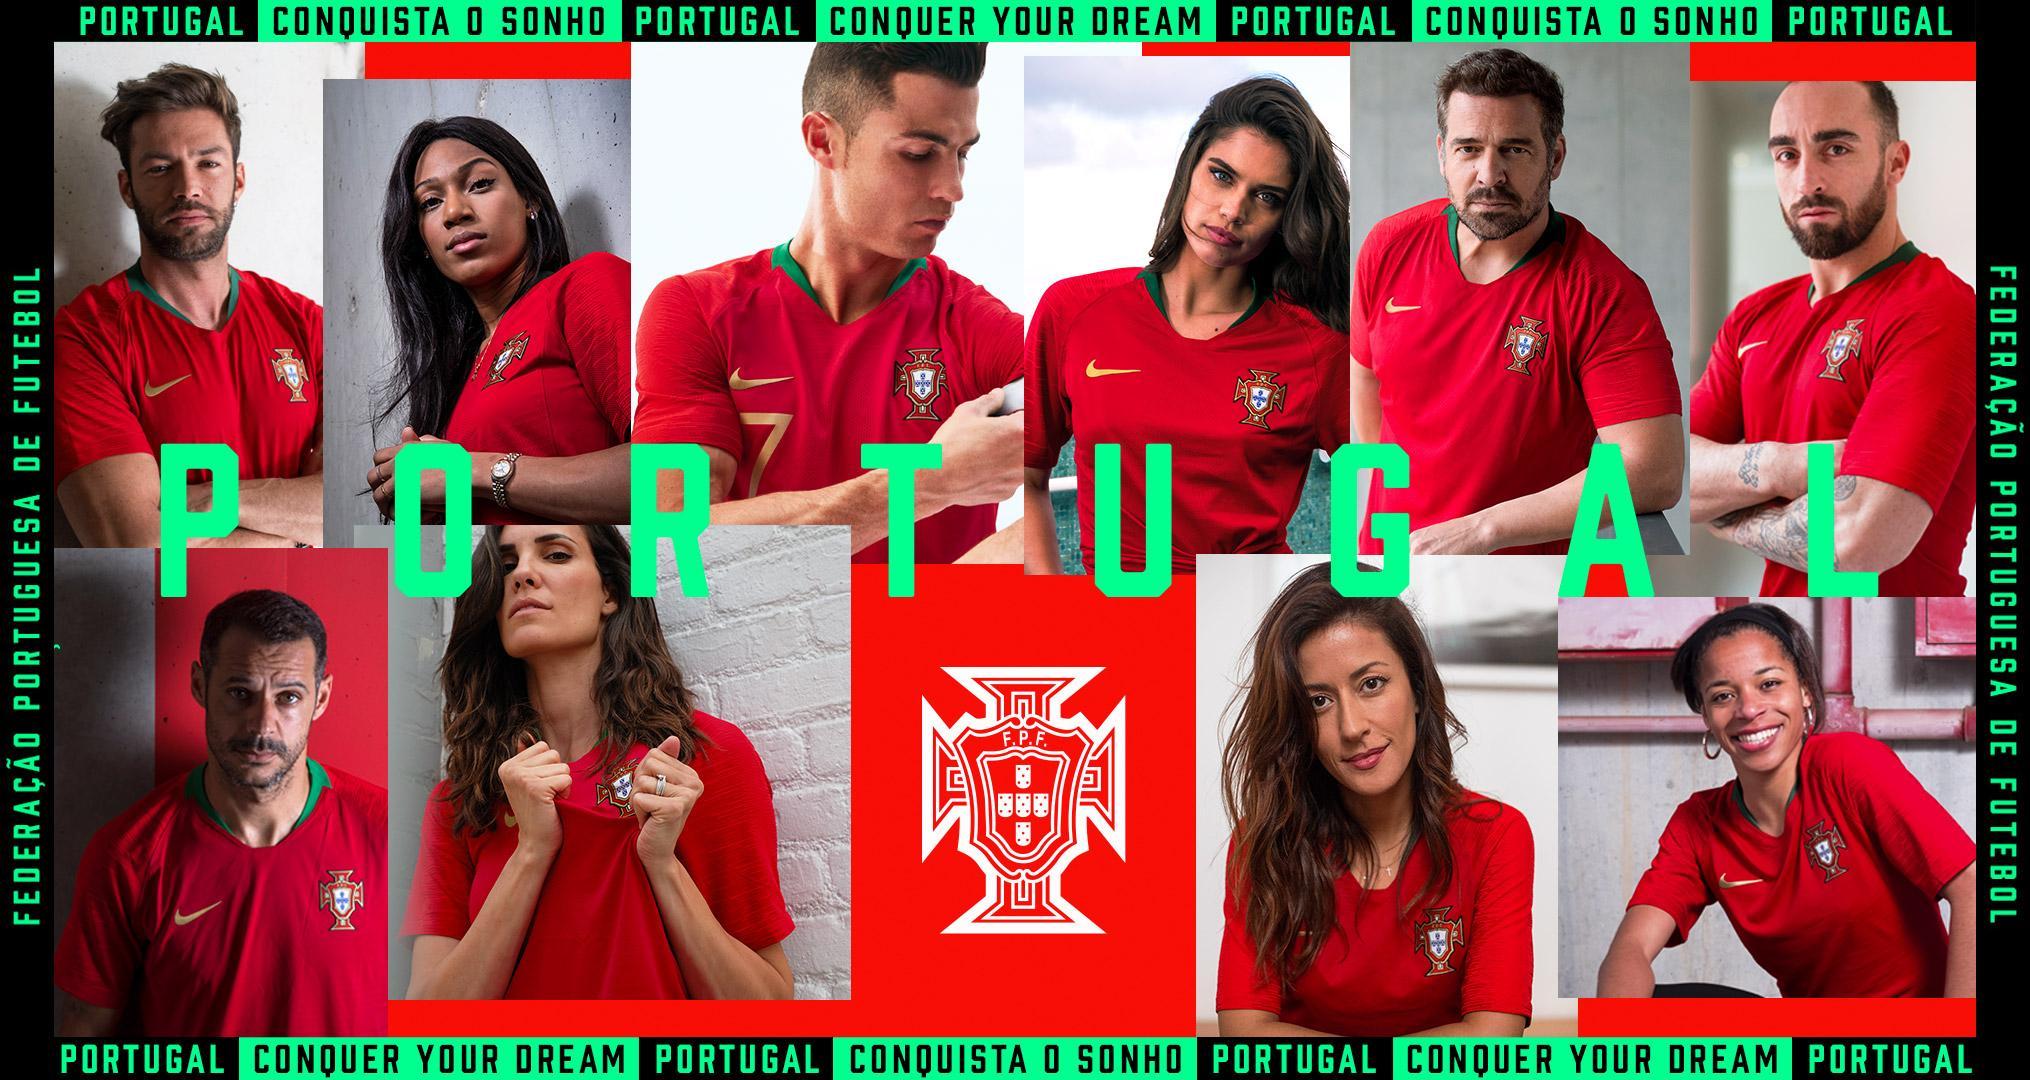 5fa2cb007 Conquista o sonho»  a campanha da Seleção para vencer o Mundial (foto)